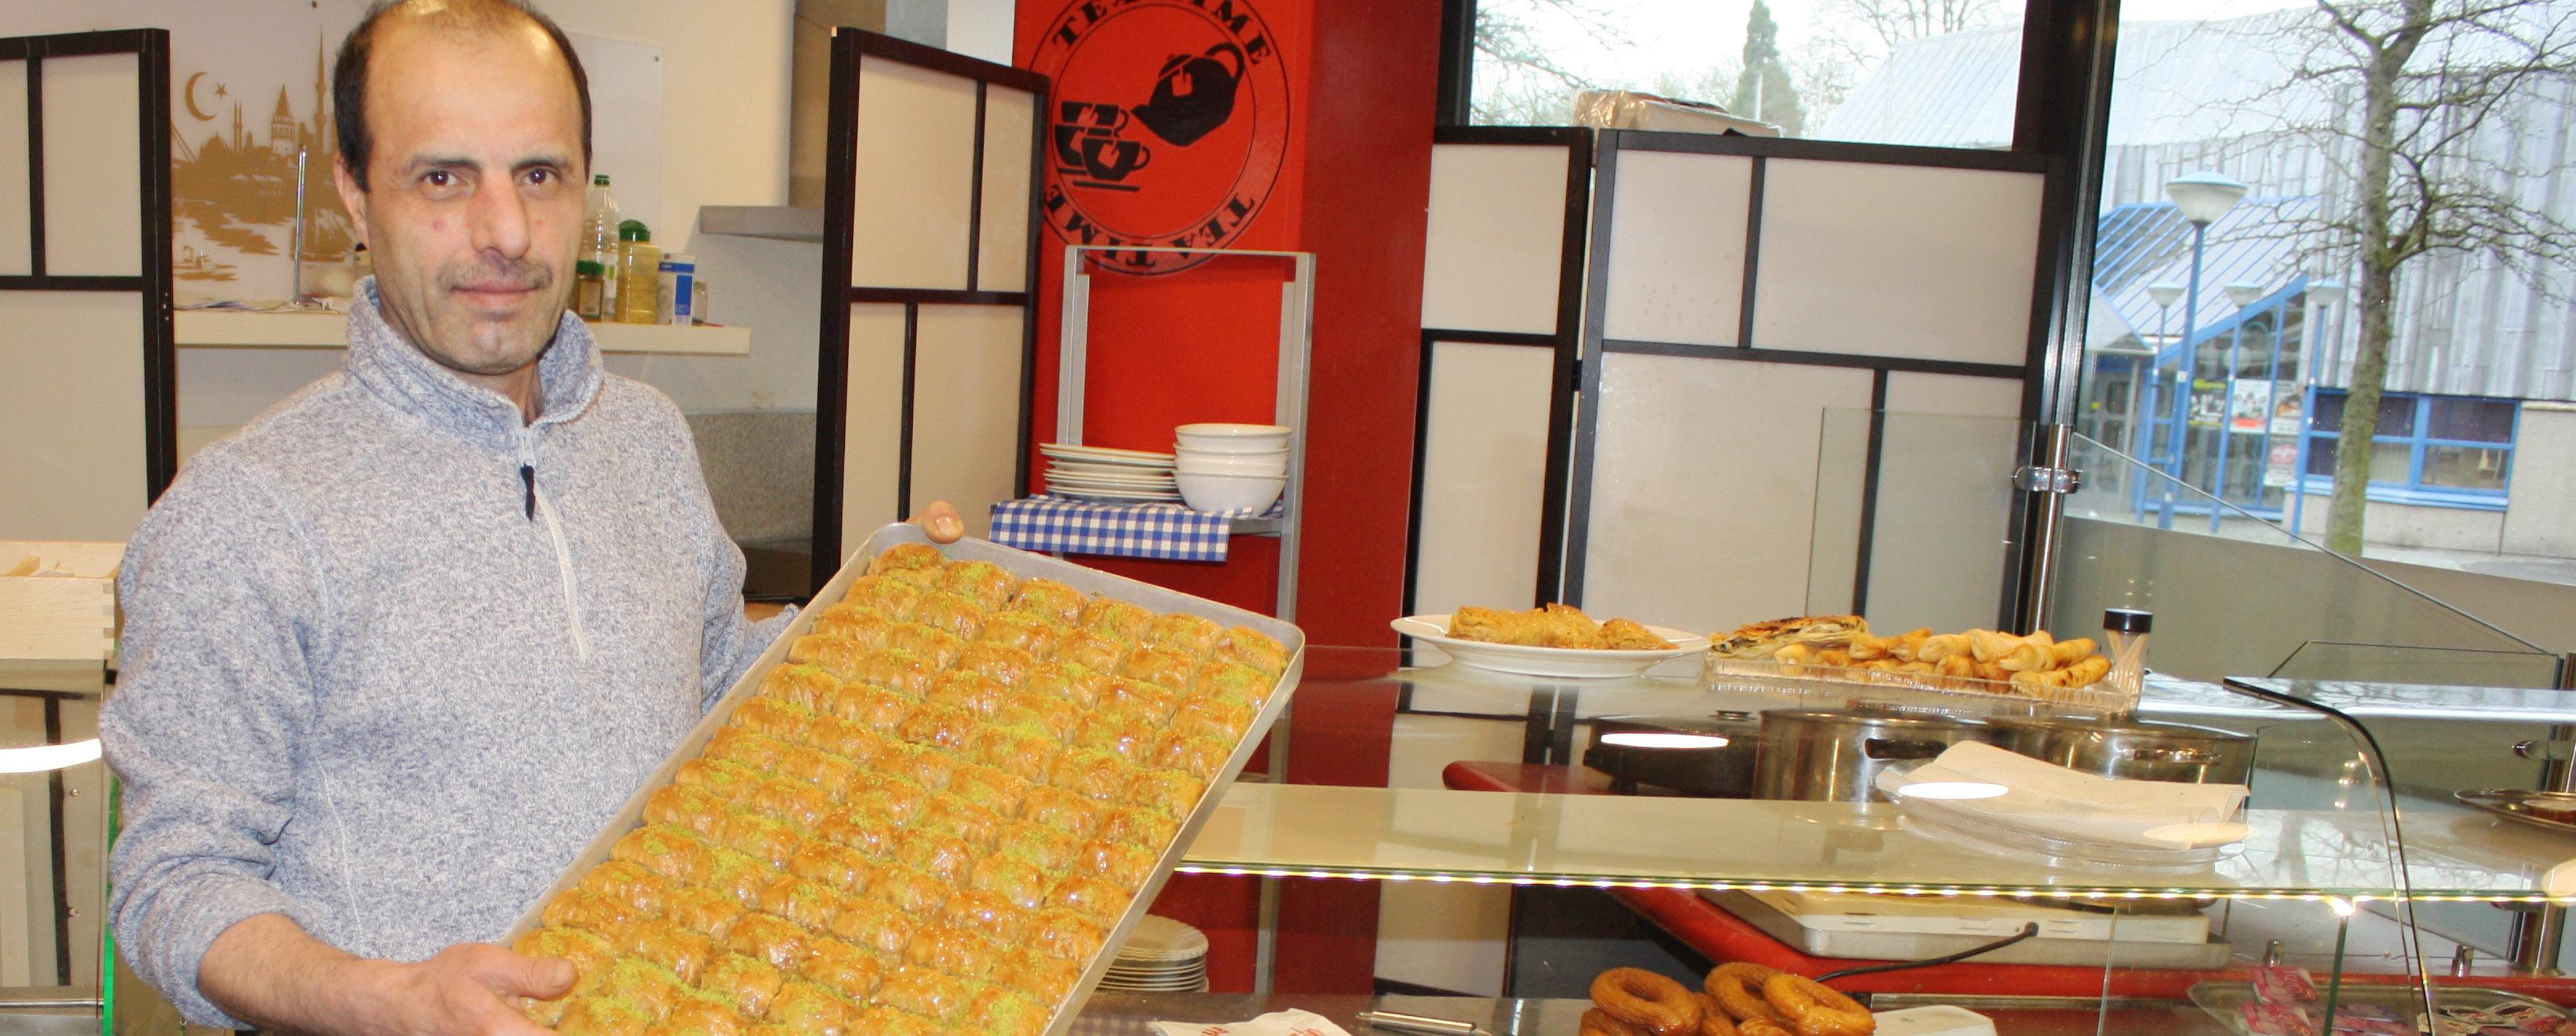 Öz Antep: Türkisches Restaurant mit bürgerlicher Küche